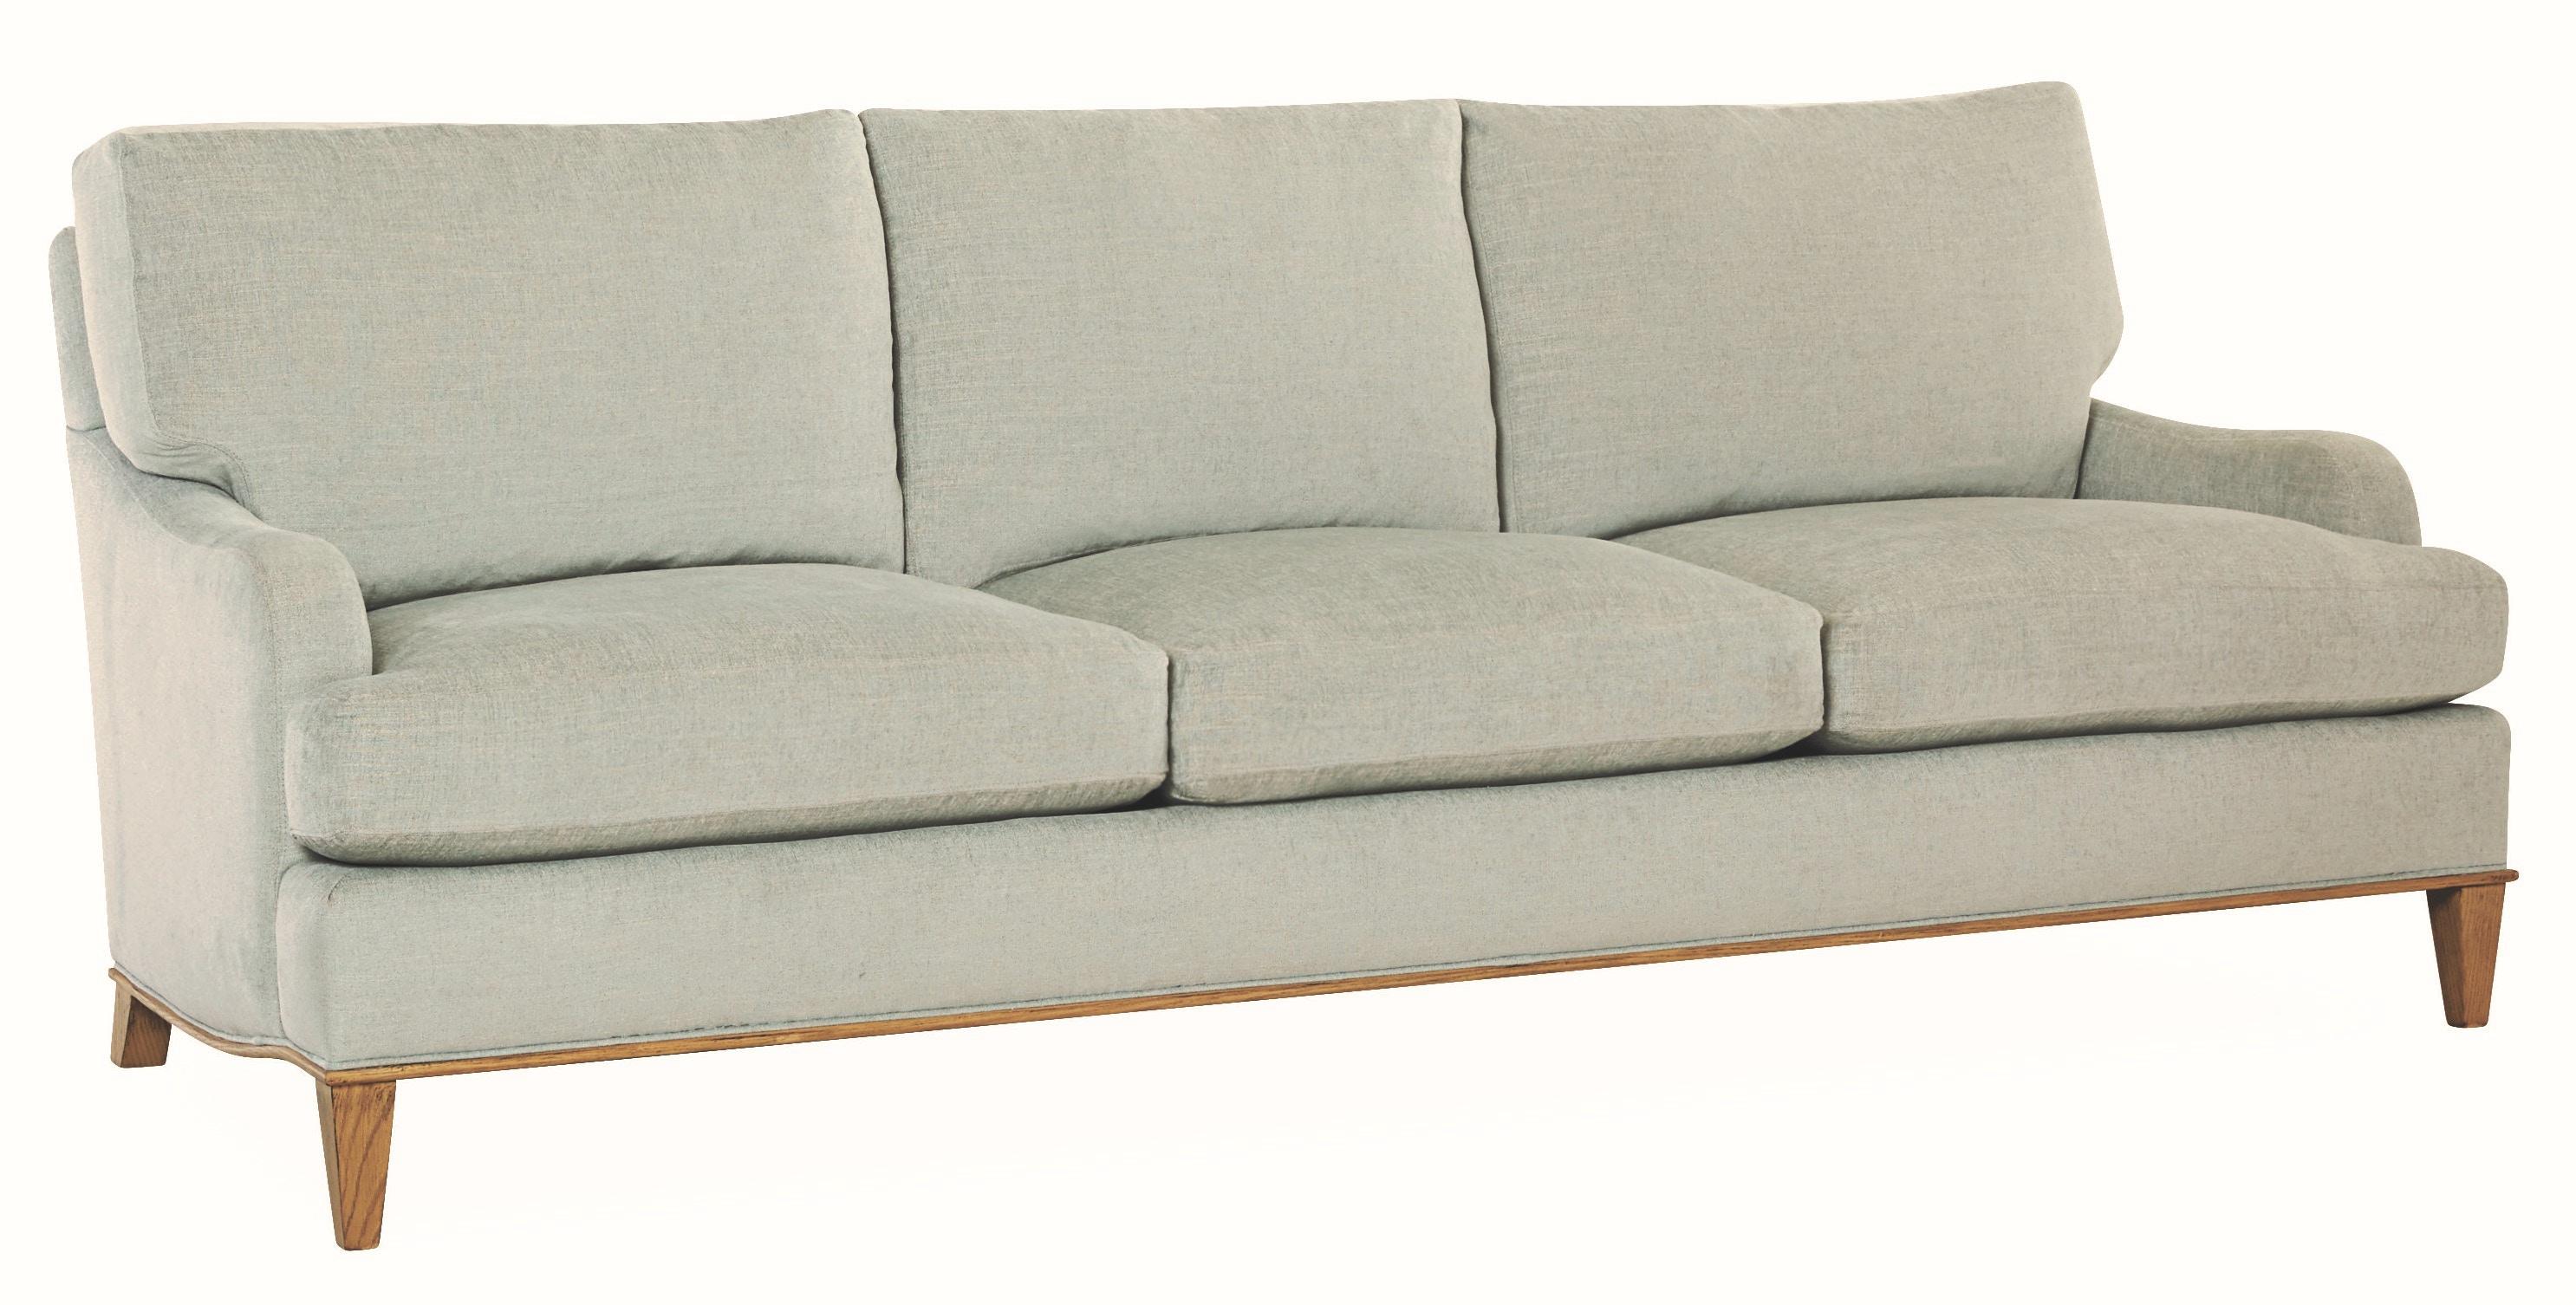 Lee Industries Sofa 1303 03 ...